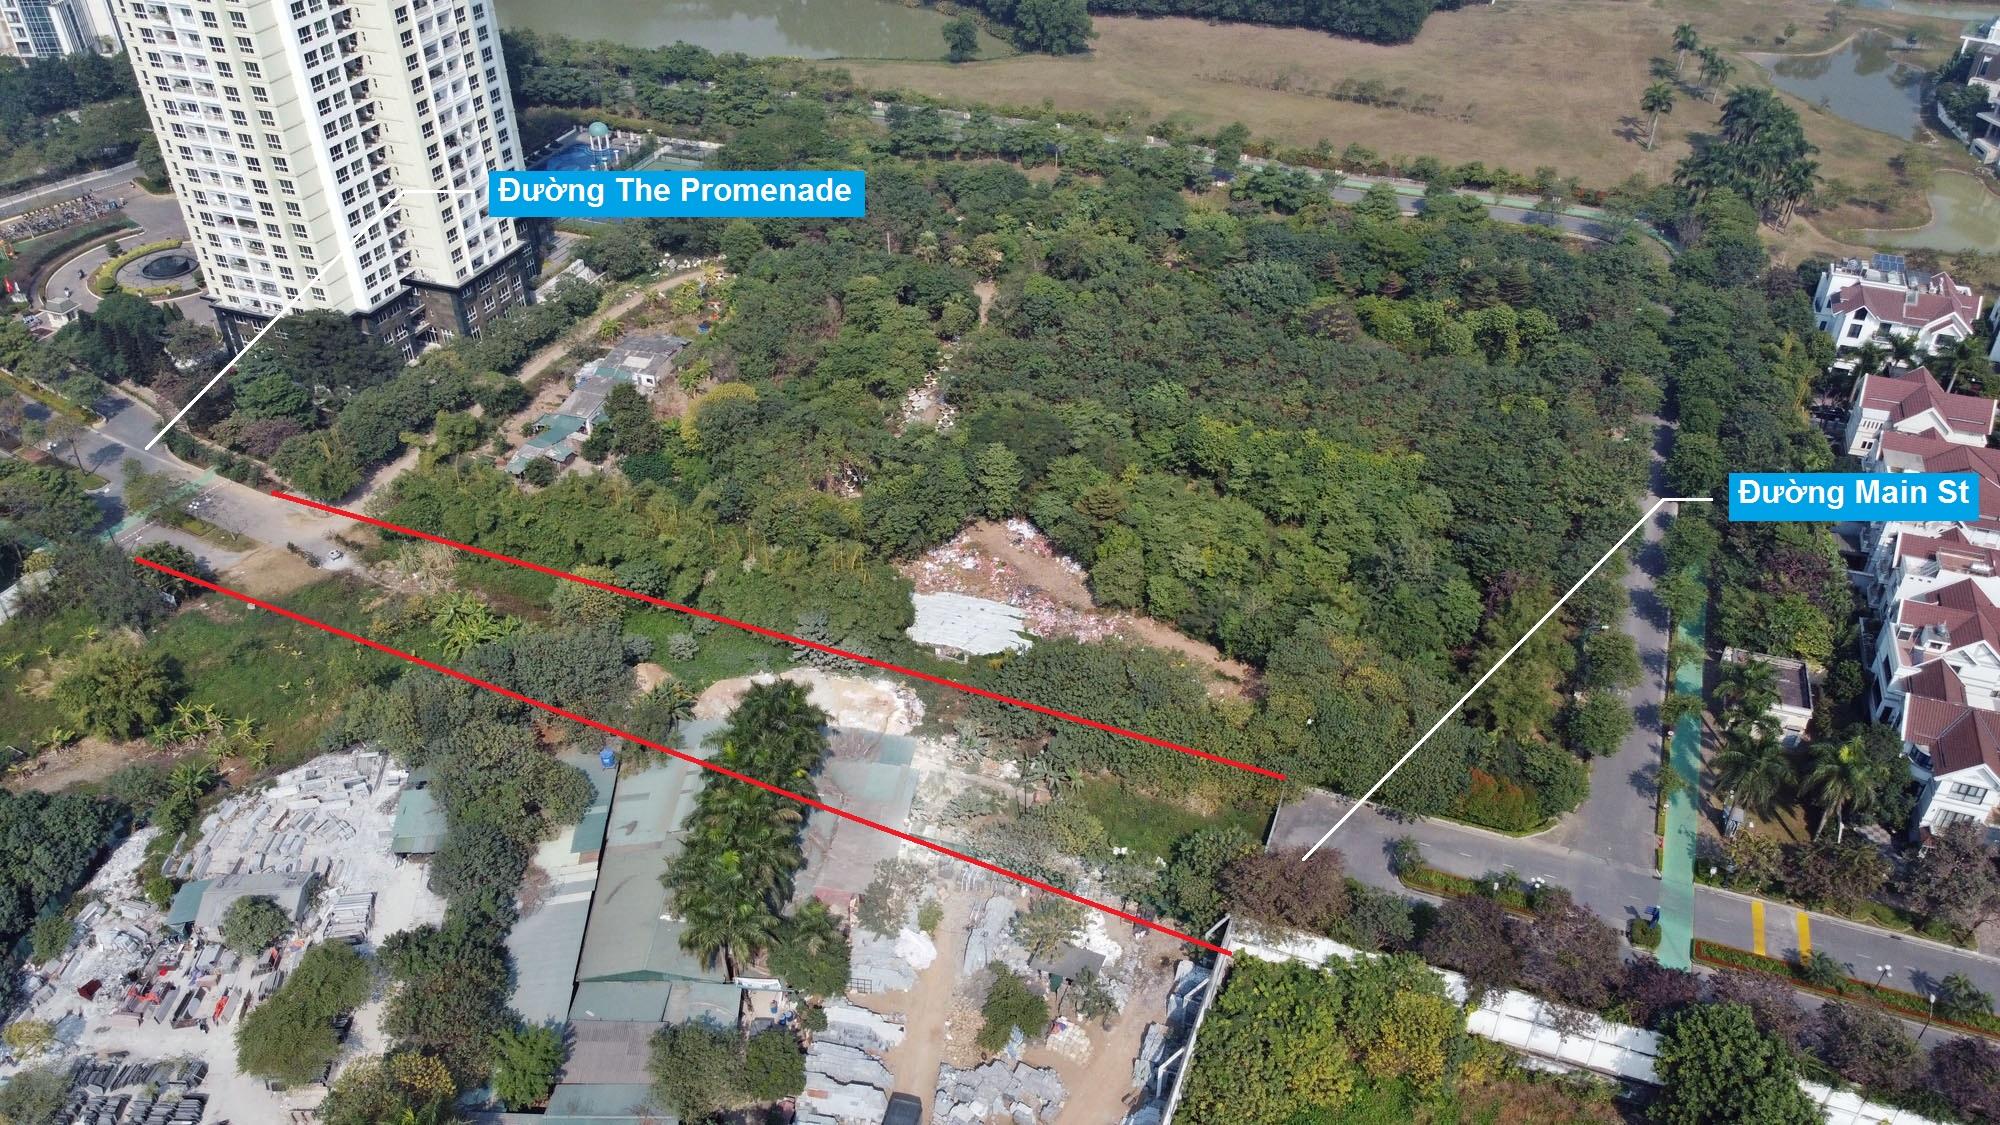 Ba đường sẽ mở theo qui hoạch ở phường Xuân Đỉnh, Bắc Từ Liêm, Hà Nội (phần 2) - Ảnh 5.